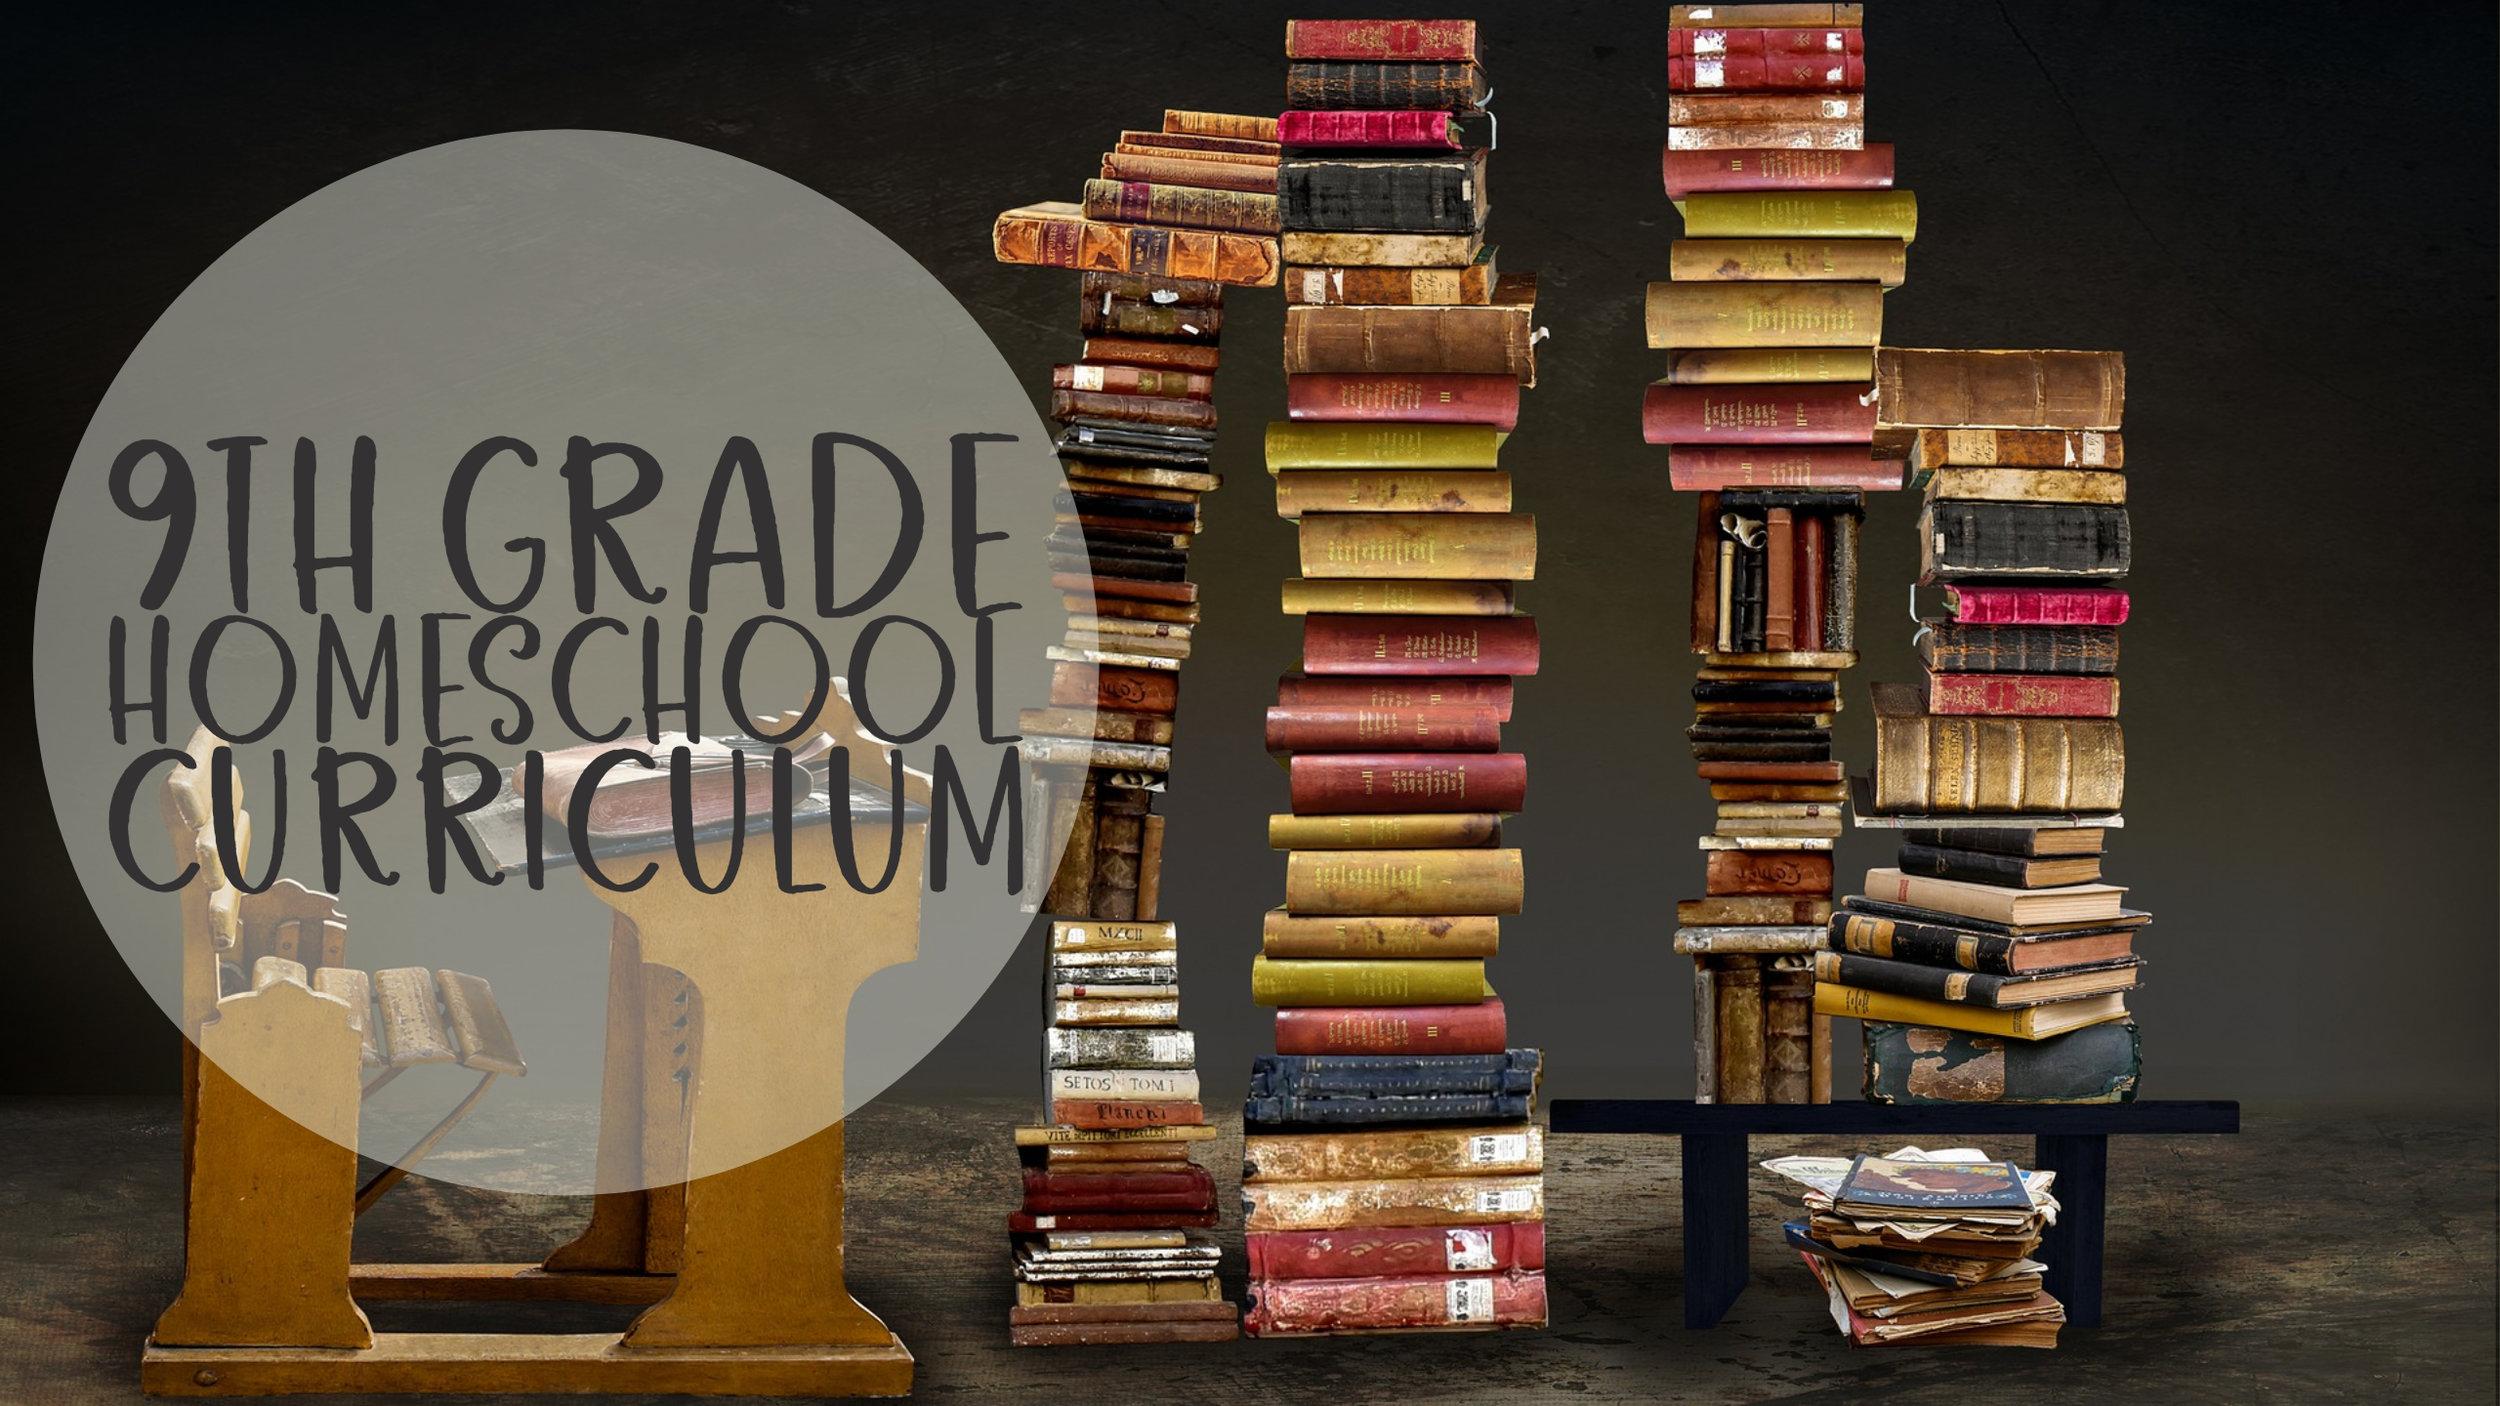 9th Grade Homeschool Curriculum #homeschool #grade9curriculum #homeeducating #homeschooling #9thgradehomeschooling